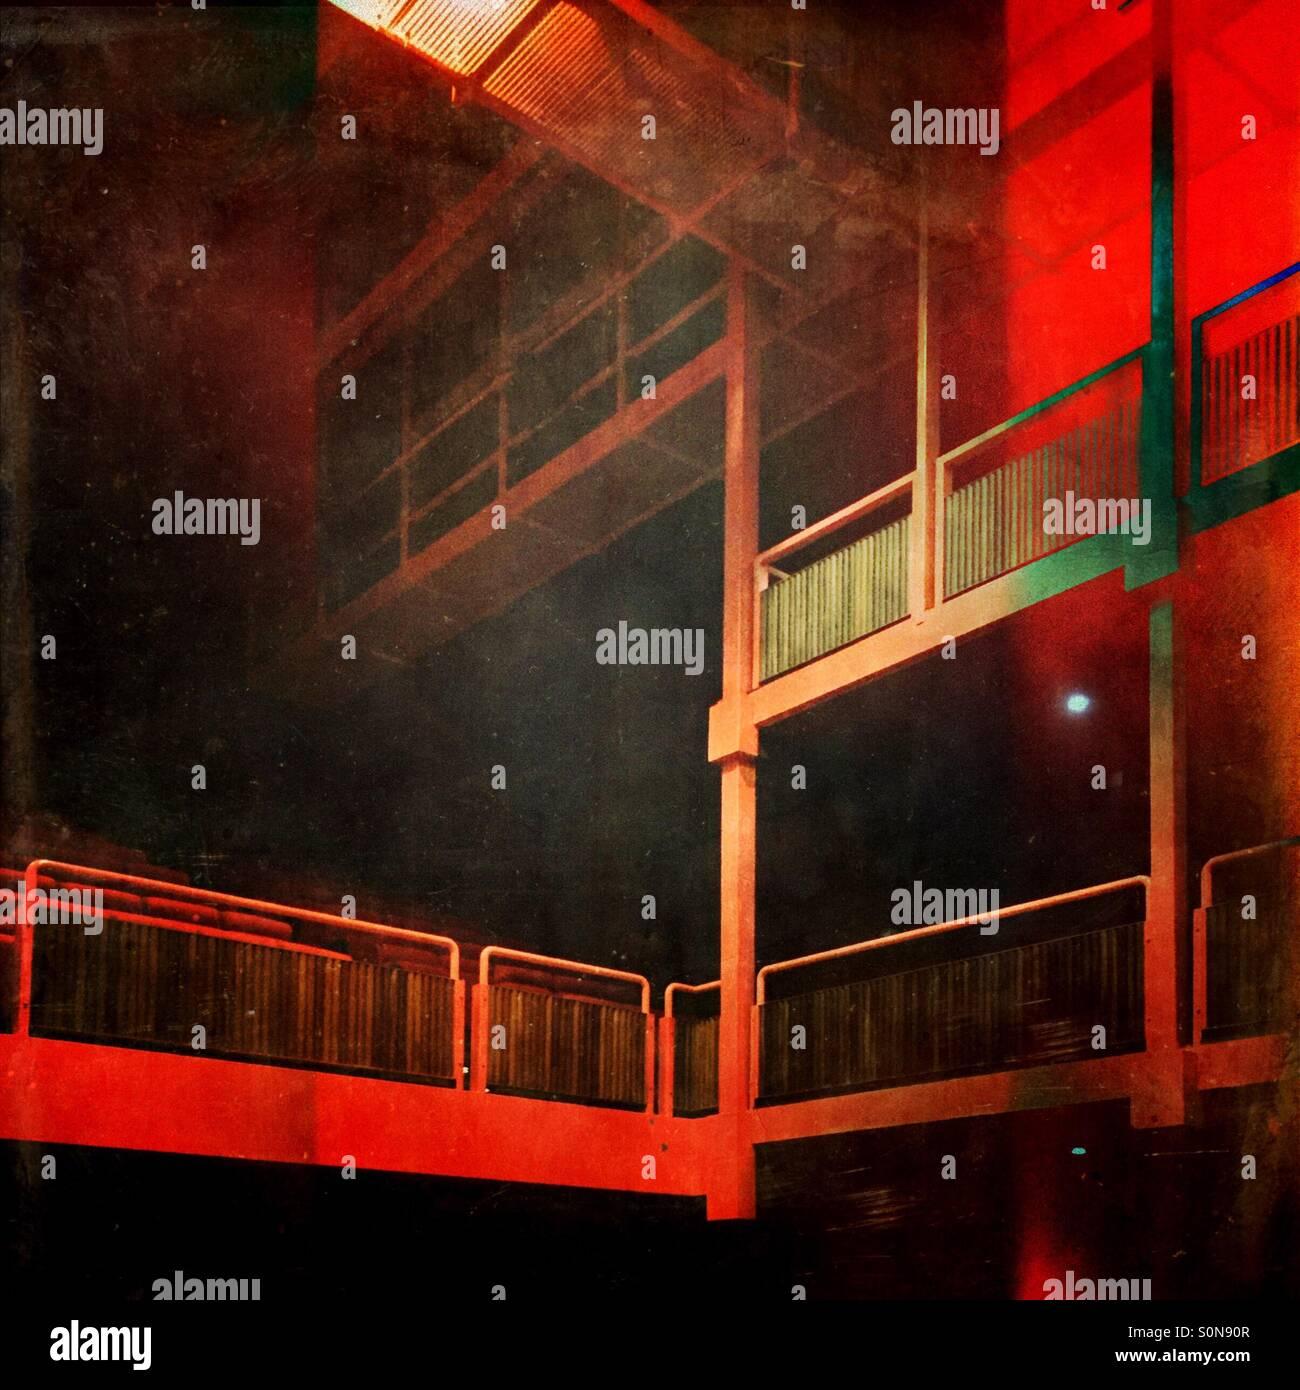 Balcone in metallo struttura di una sala da concerto con posti a sedere e posti in piedi. Immagini Stock